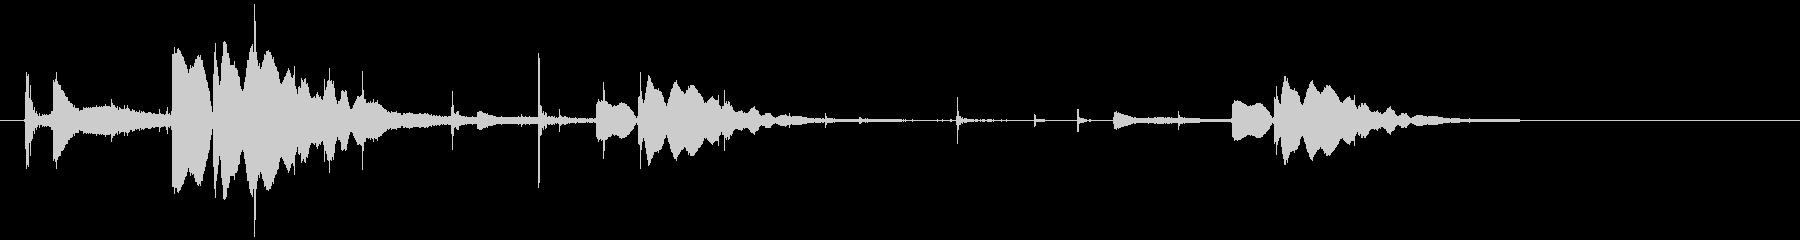 銃の弾(薬莢)が落下するの未再生の波形